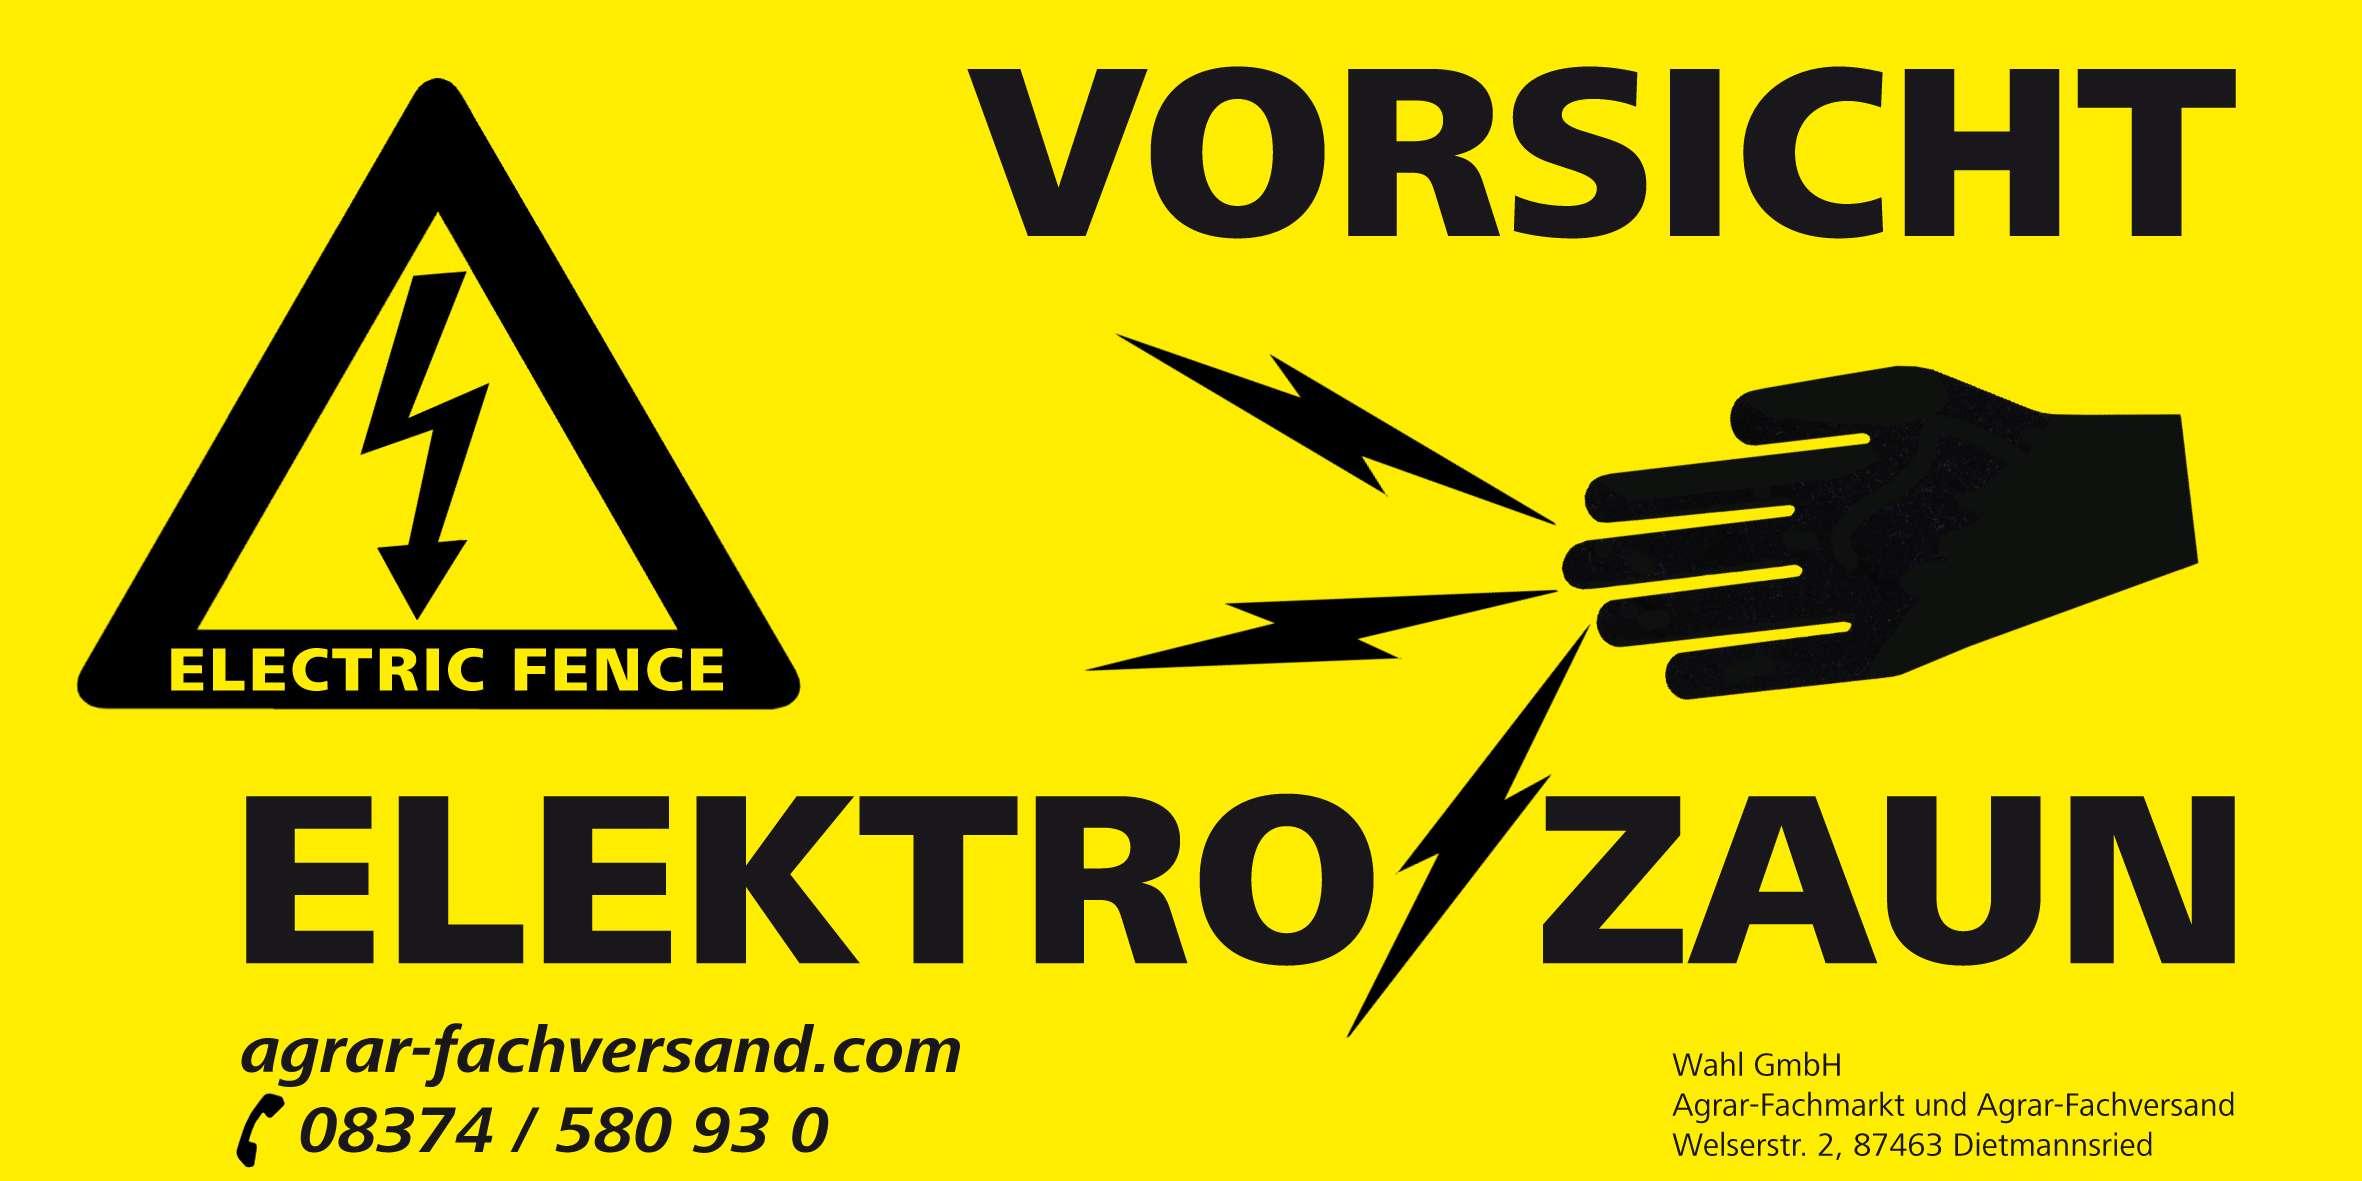 Hinweisschild - Vorsicht Elektrozaun   Wahl-Reitsport